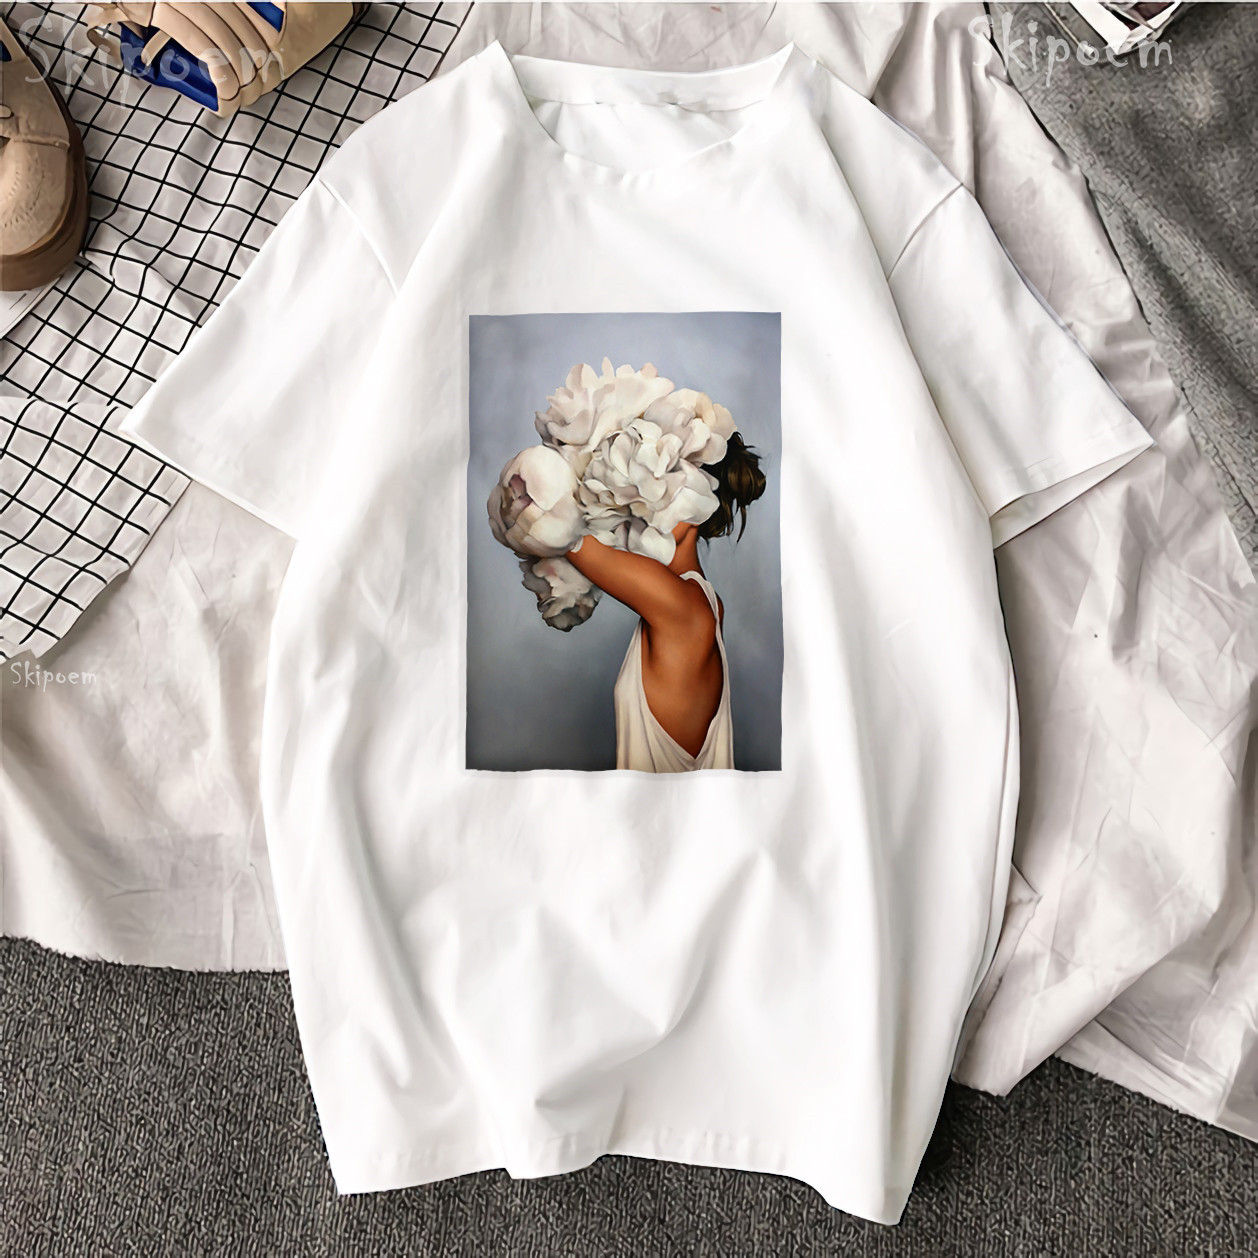 Nuevo algodón Harajuku estética camiseta Sexy flores Impresión de manga corta Camisetas y Tops de moda Casual pareja de camisa T